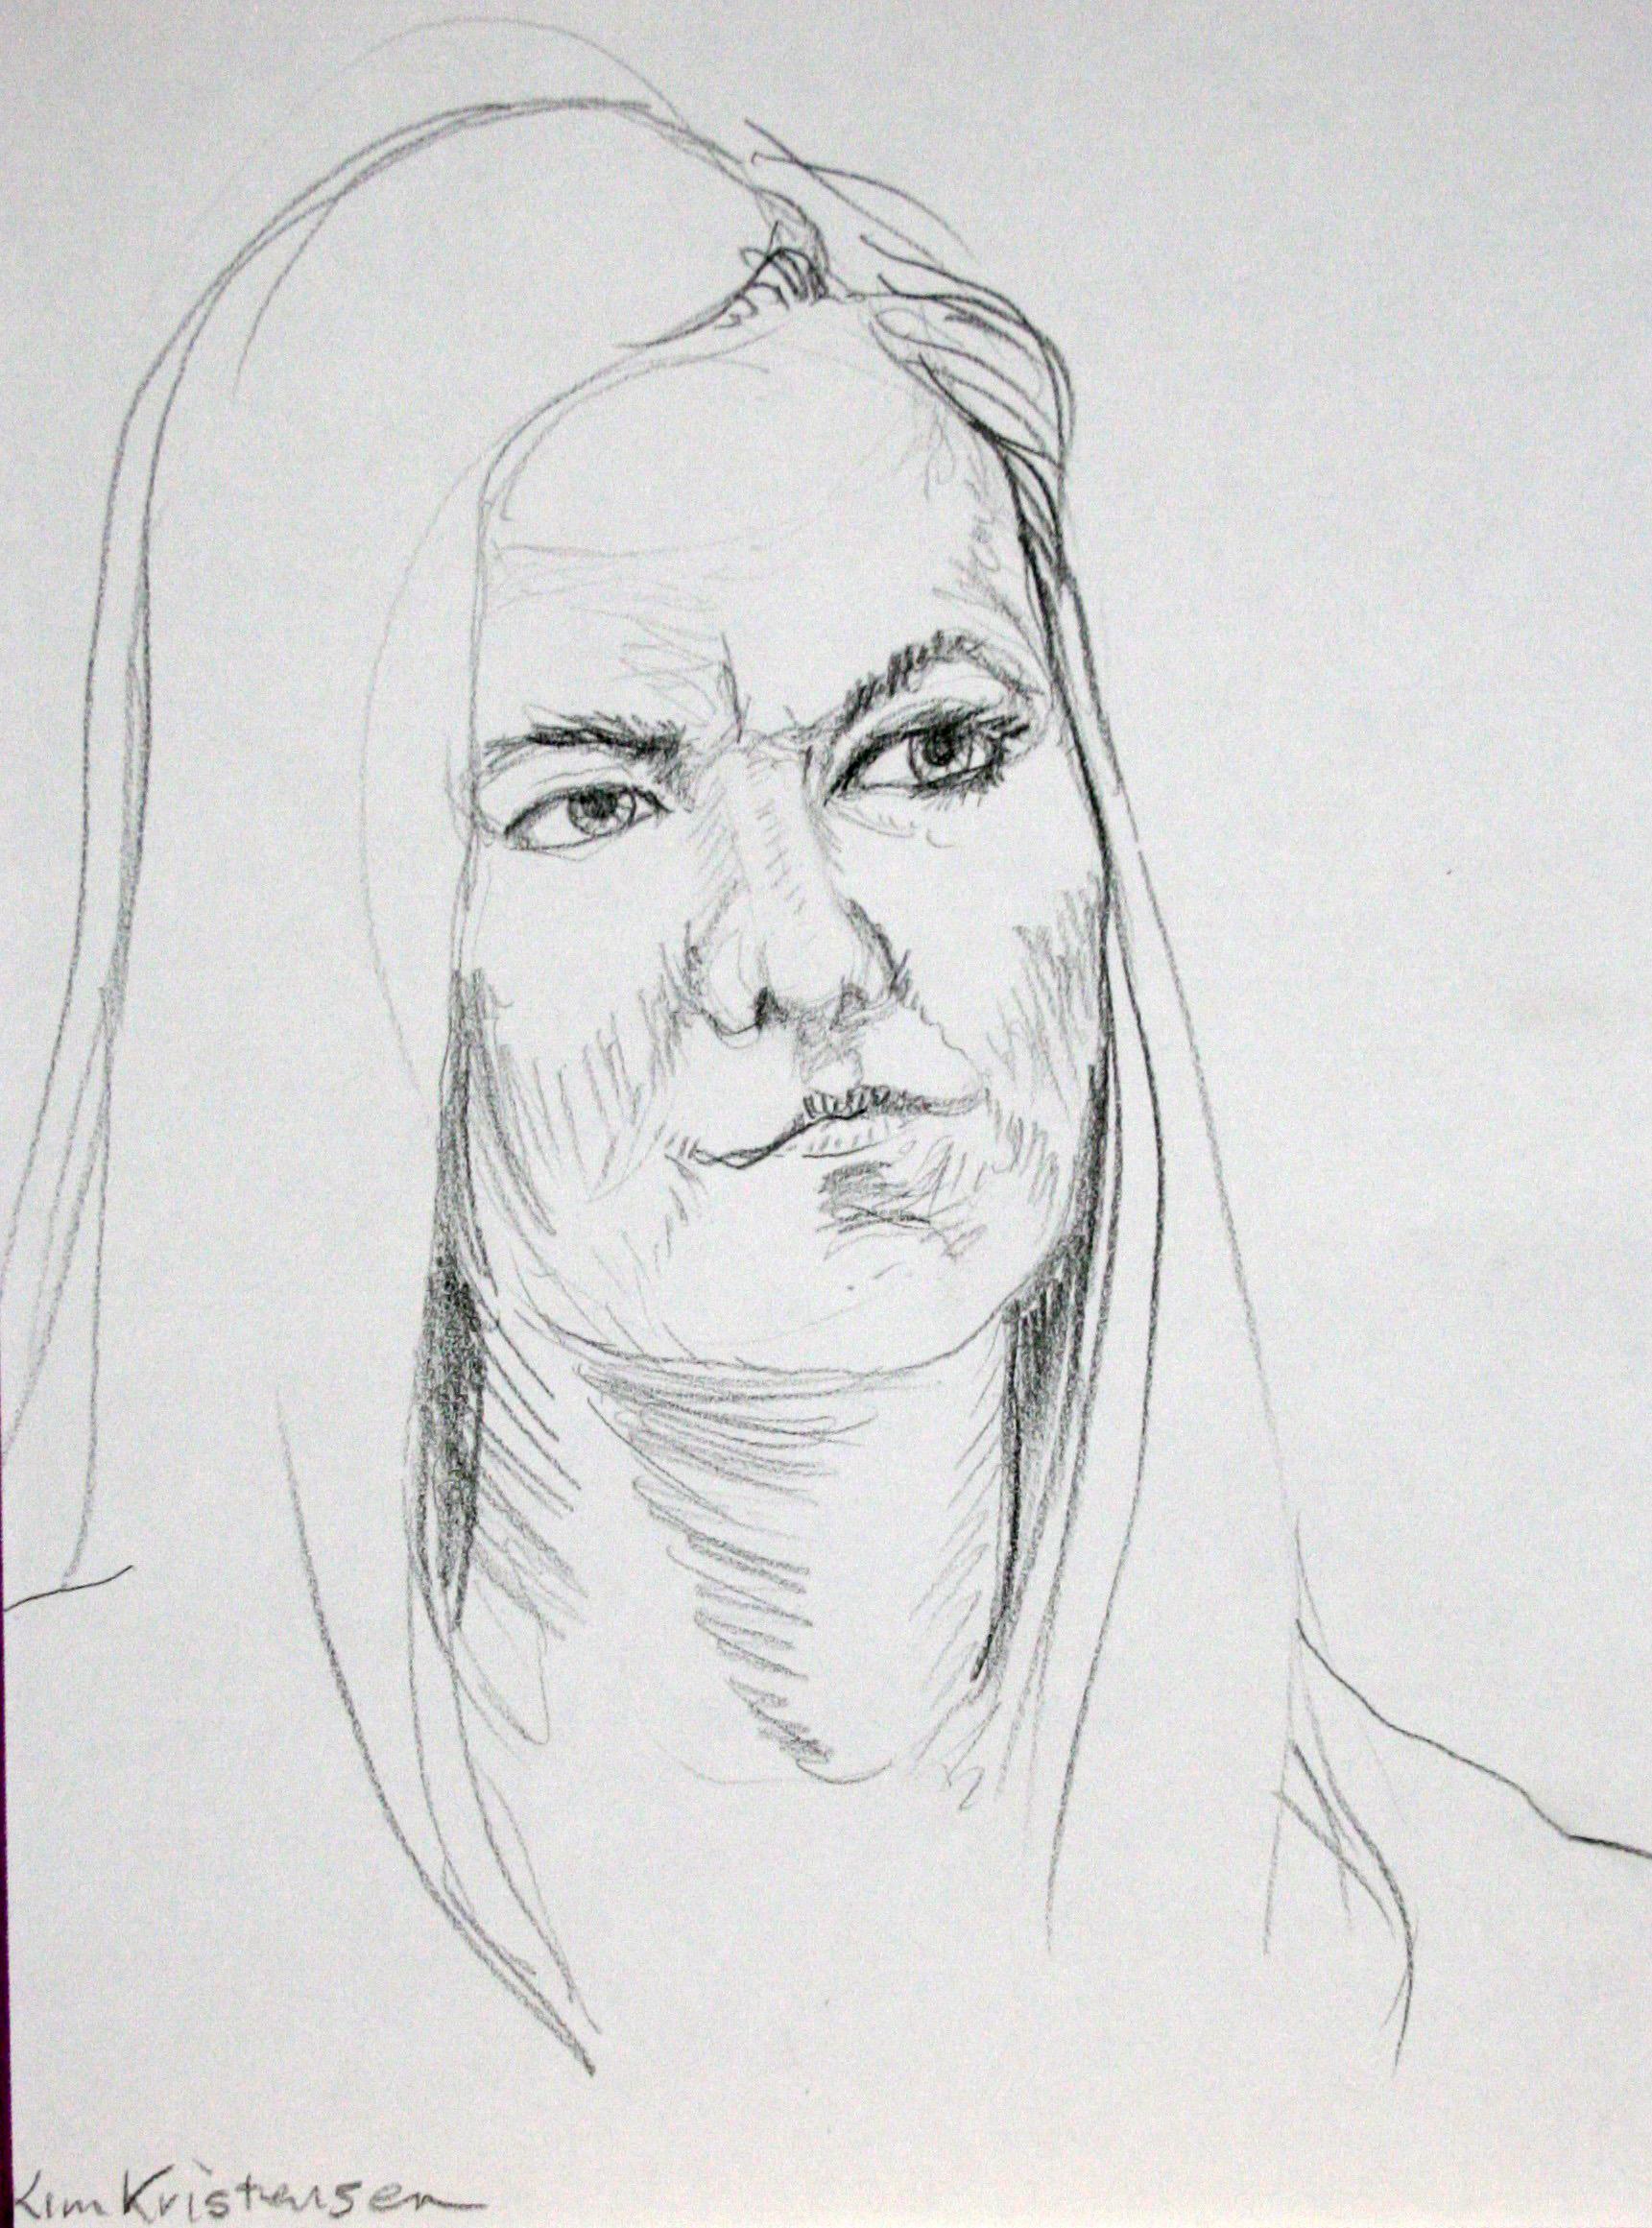 Kim Kristensen - Charcoal